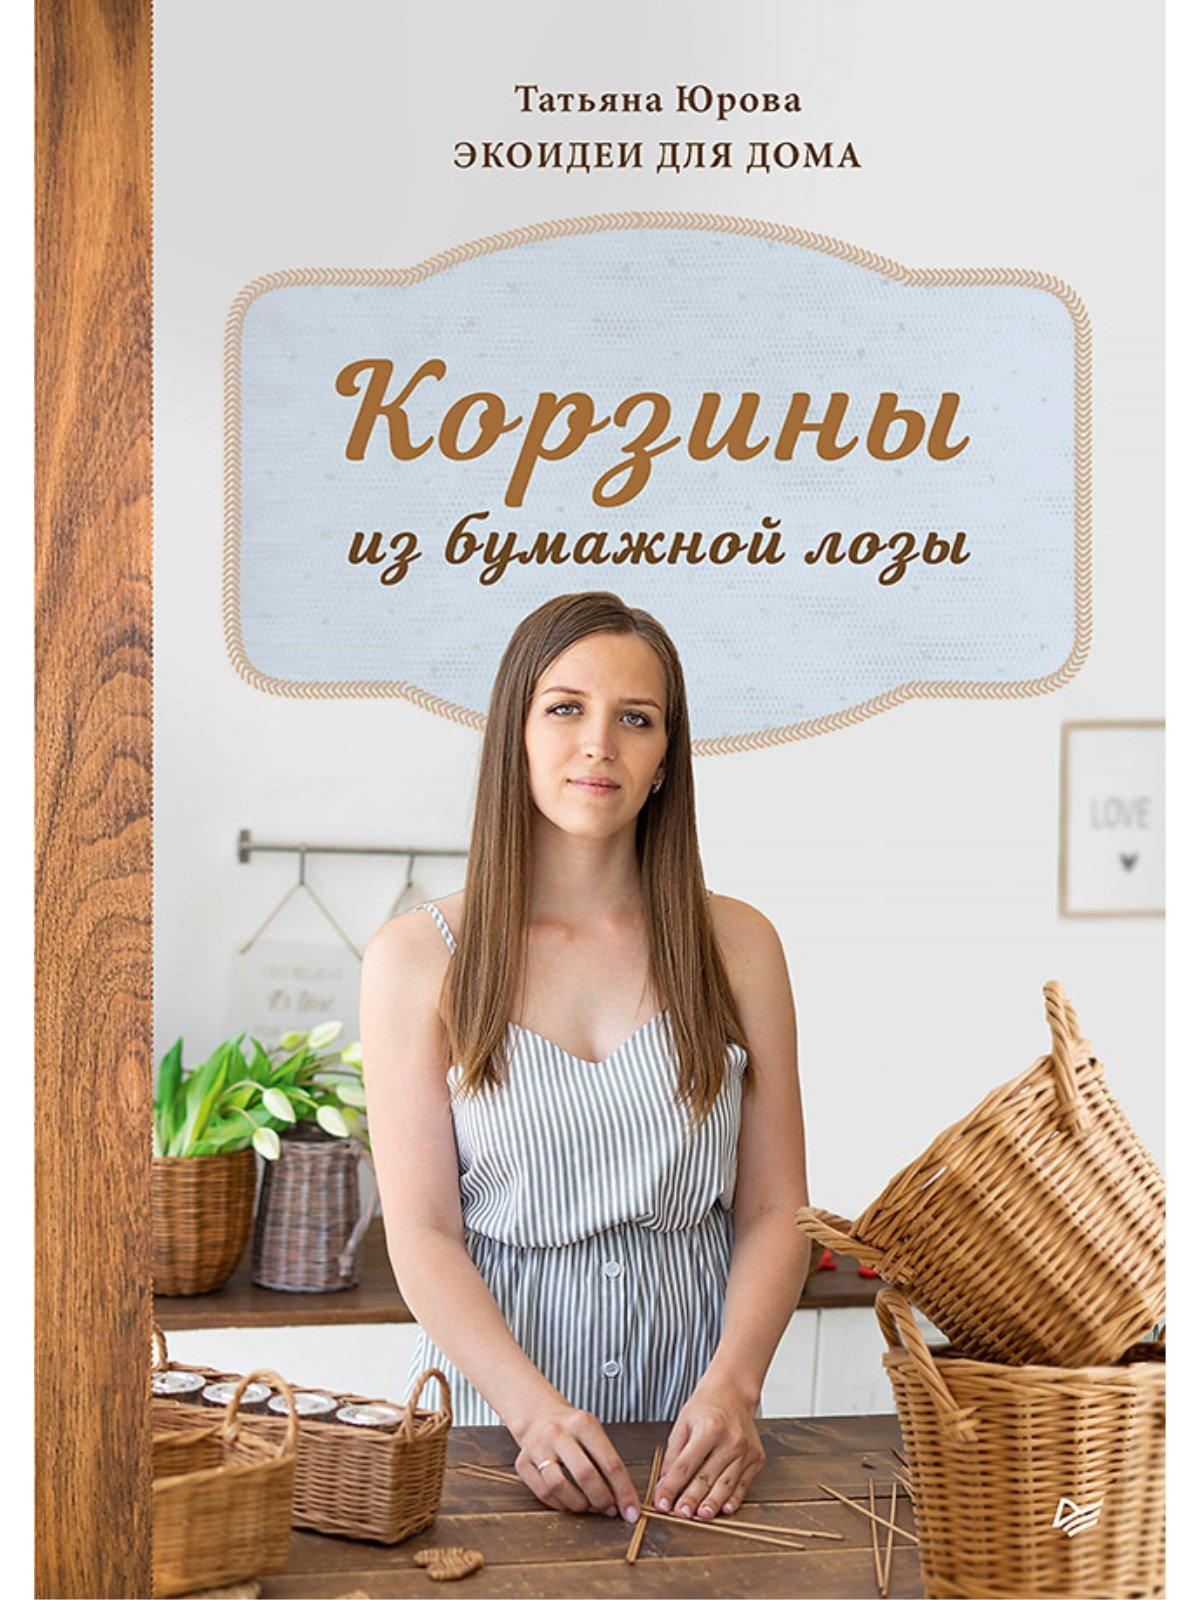 Фото - Юрова Татьяна Корзины из бумажной лозы. Экоидеи для дома Мастер-классы для начинающих плетение из лозы